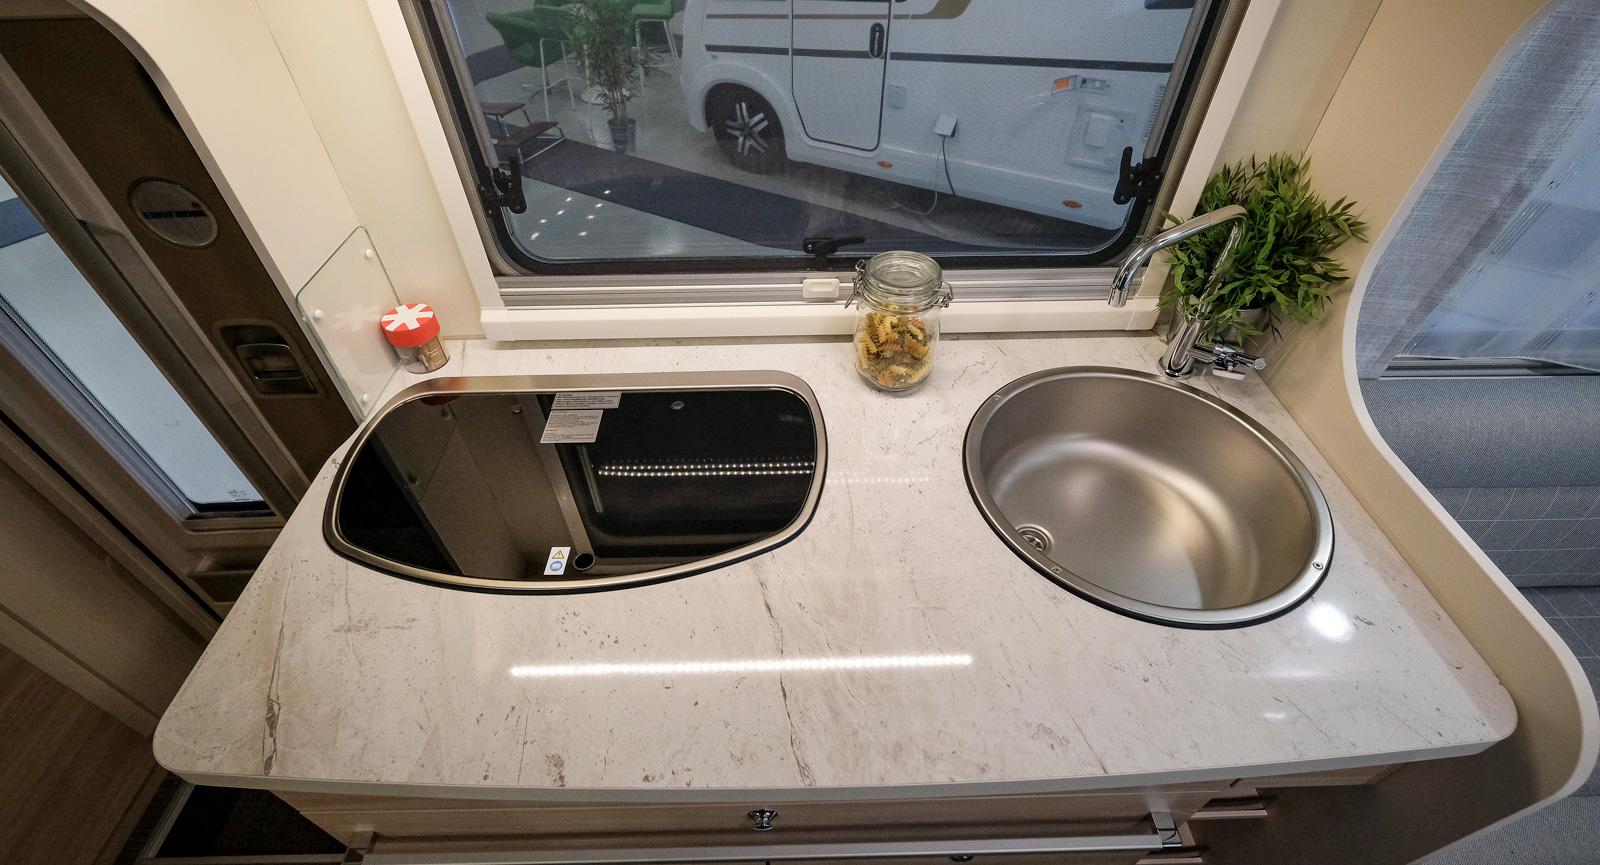 Kompakt men bra utformat kök med smart lådsystem. Trelågig spis och djup diskho med hög vattenkran. Godkänd arbetsyta.